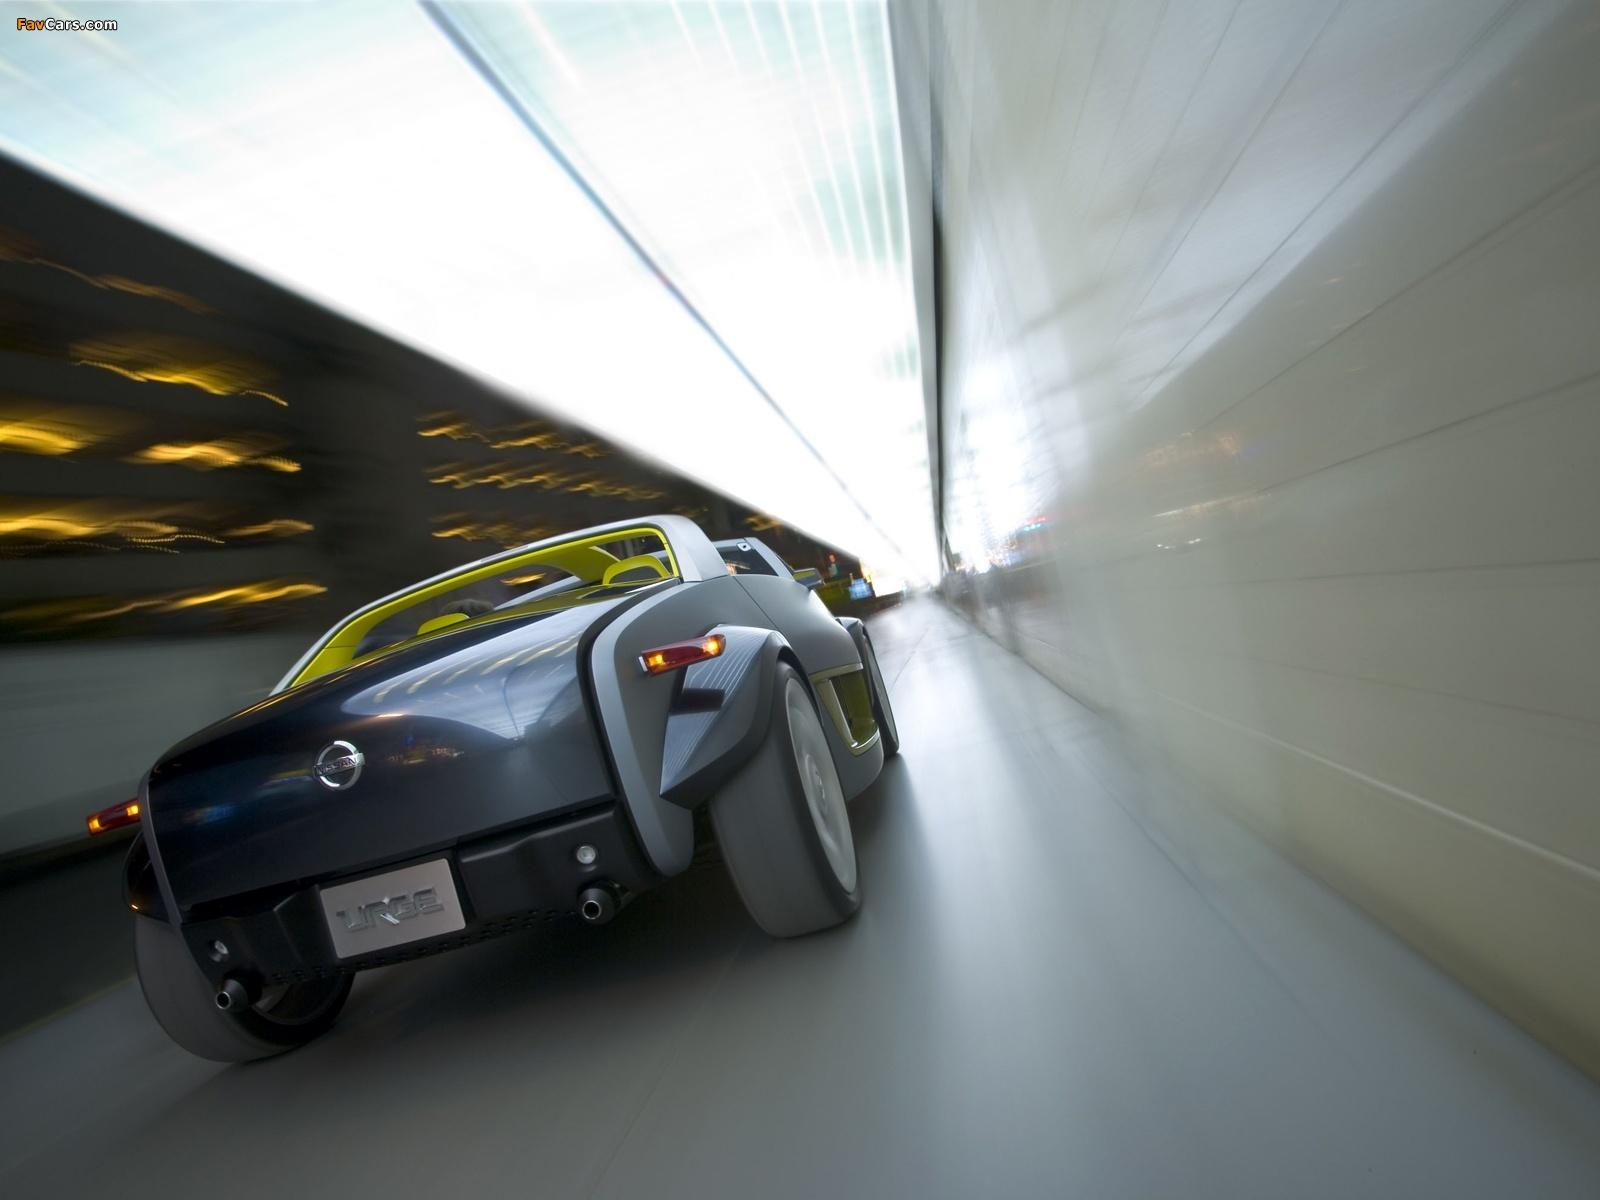 Nissan Urge Concept 2006 photos (1600 x 1200)